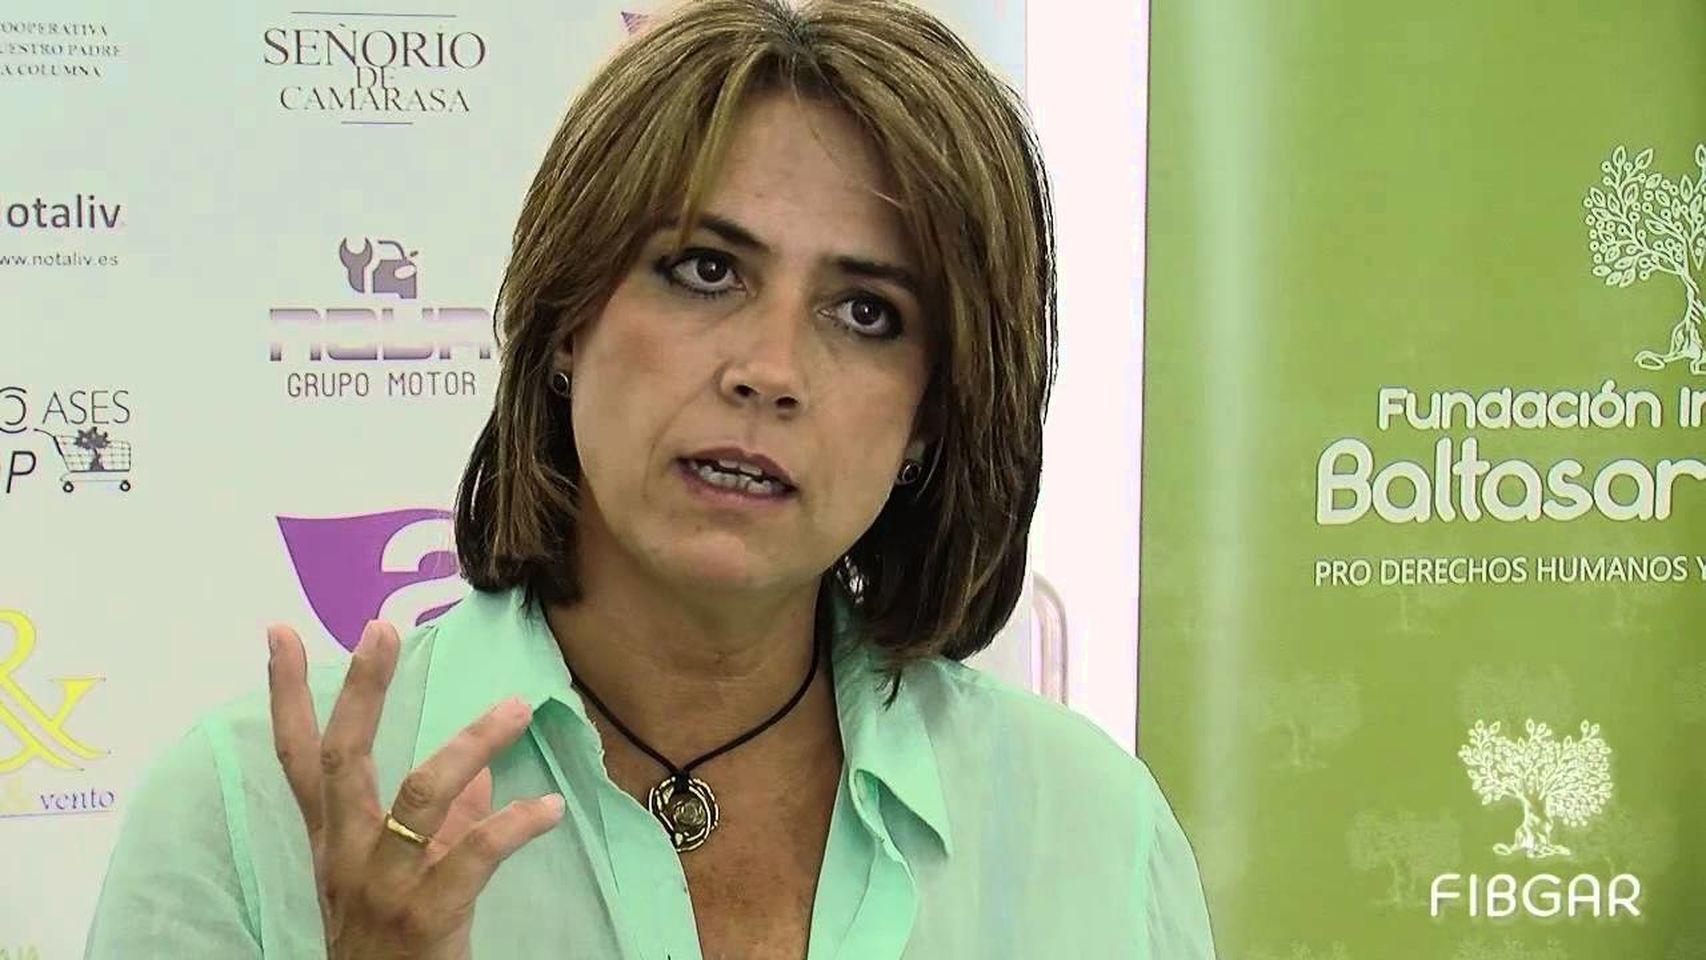 La ministra de Justicia de Pedro Sánchez elogia al xenófobo Torra